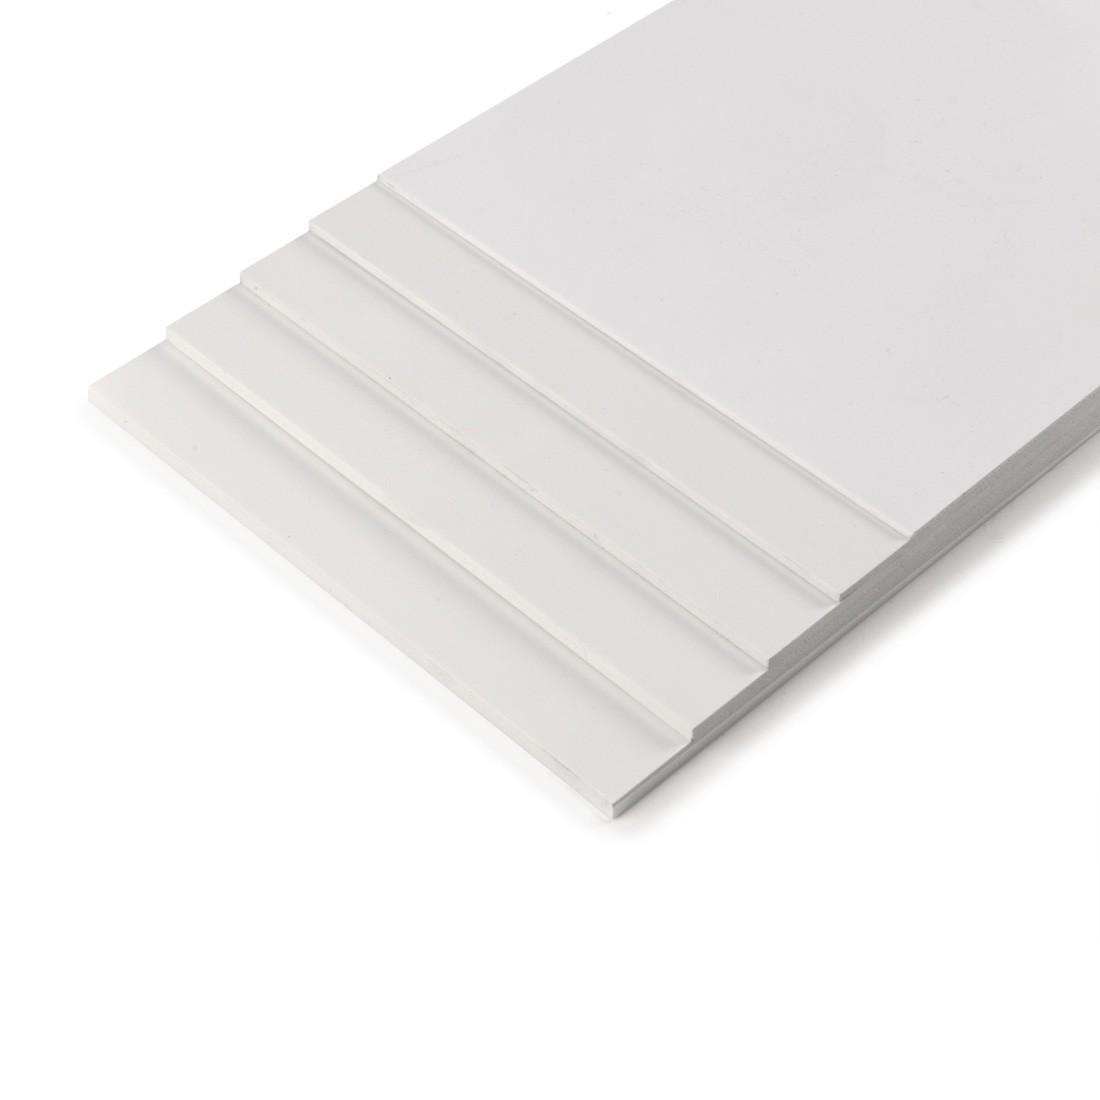 Espuma de PVC blanca mm.194x320-mm.2